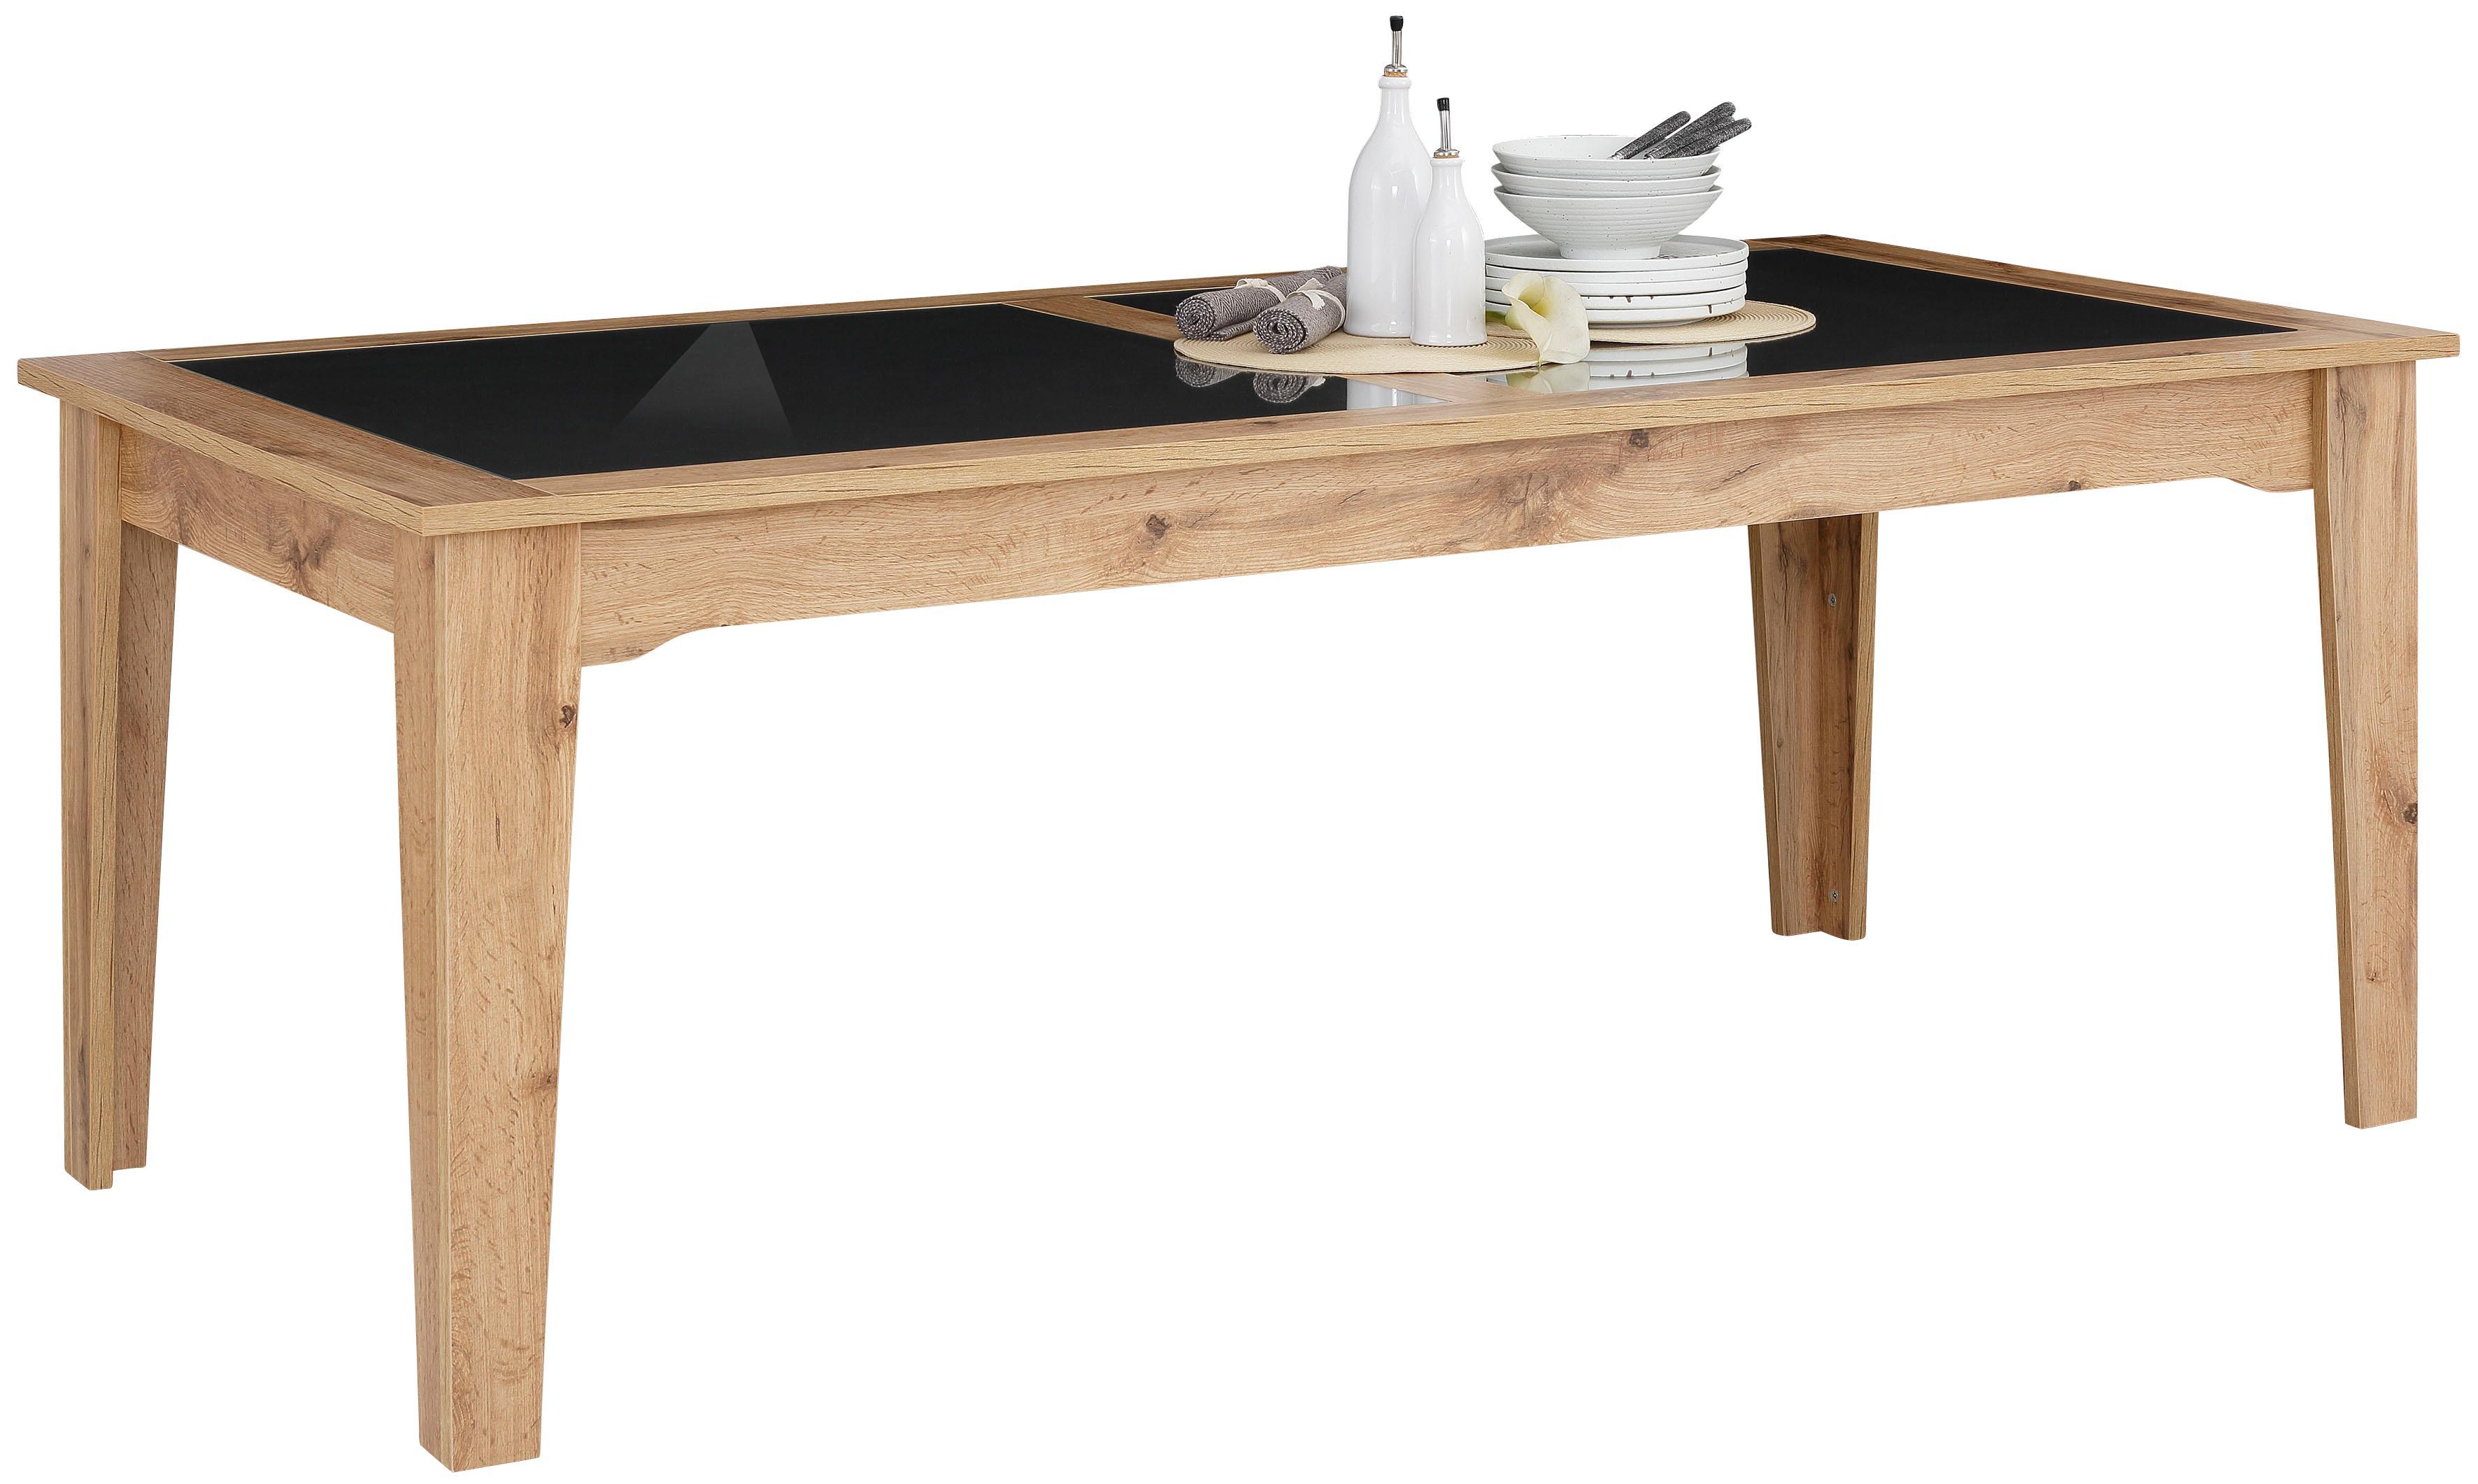 Fabelhaft Esstisch 100x100 Referenz Von Home Affaire »sonya« Mit Tischplatten Aus Graphitfarbenen